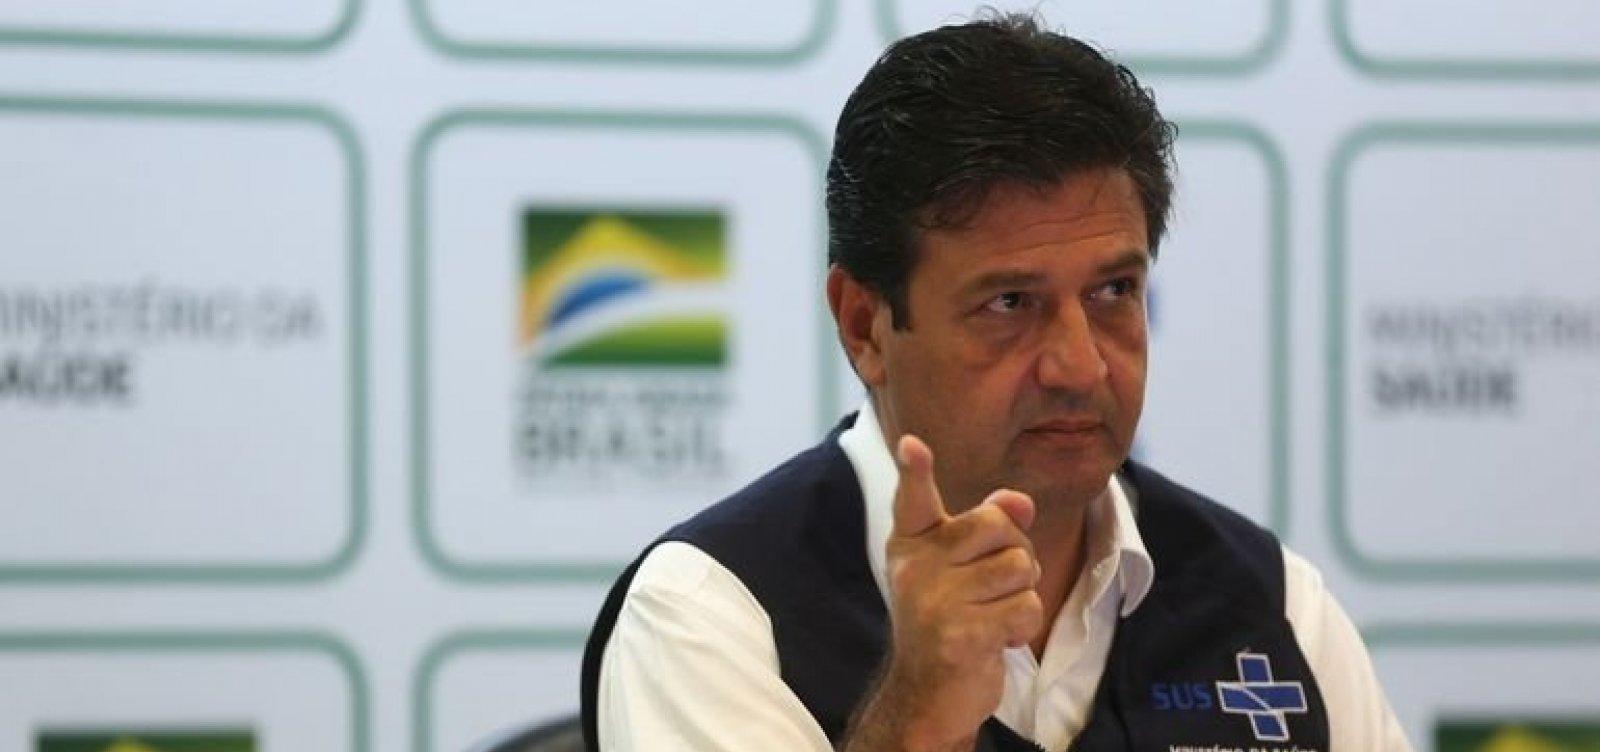 [Mandetta diz que Brasil pode ter 'megaepidemia' caso variante do coronavírus no Amazonas se espalhe]